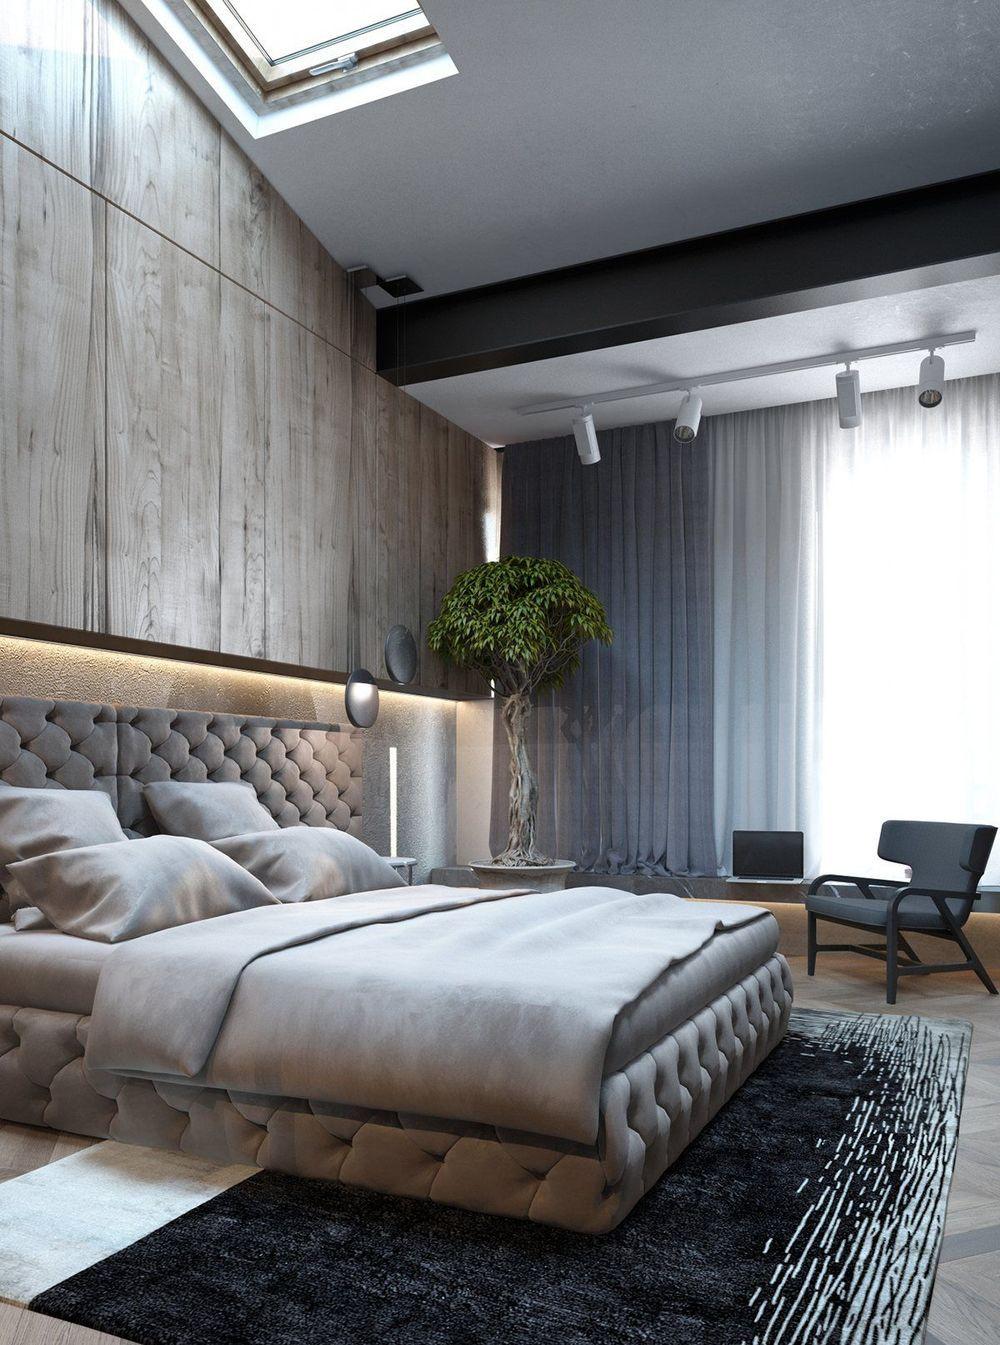 Bedroom Modern Designs 31 Gorgeous & Ultramodern Bedroom Designs  Skylight Bedrooms